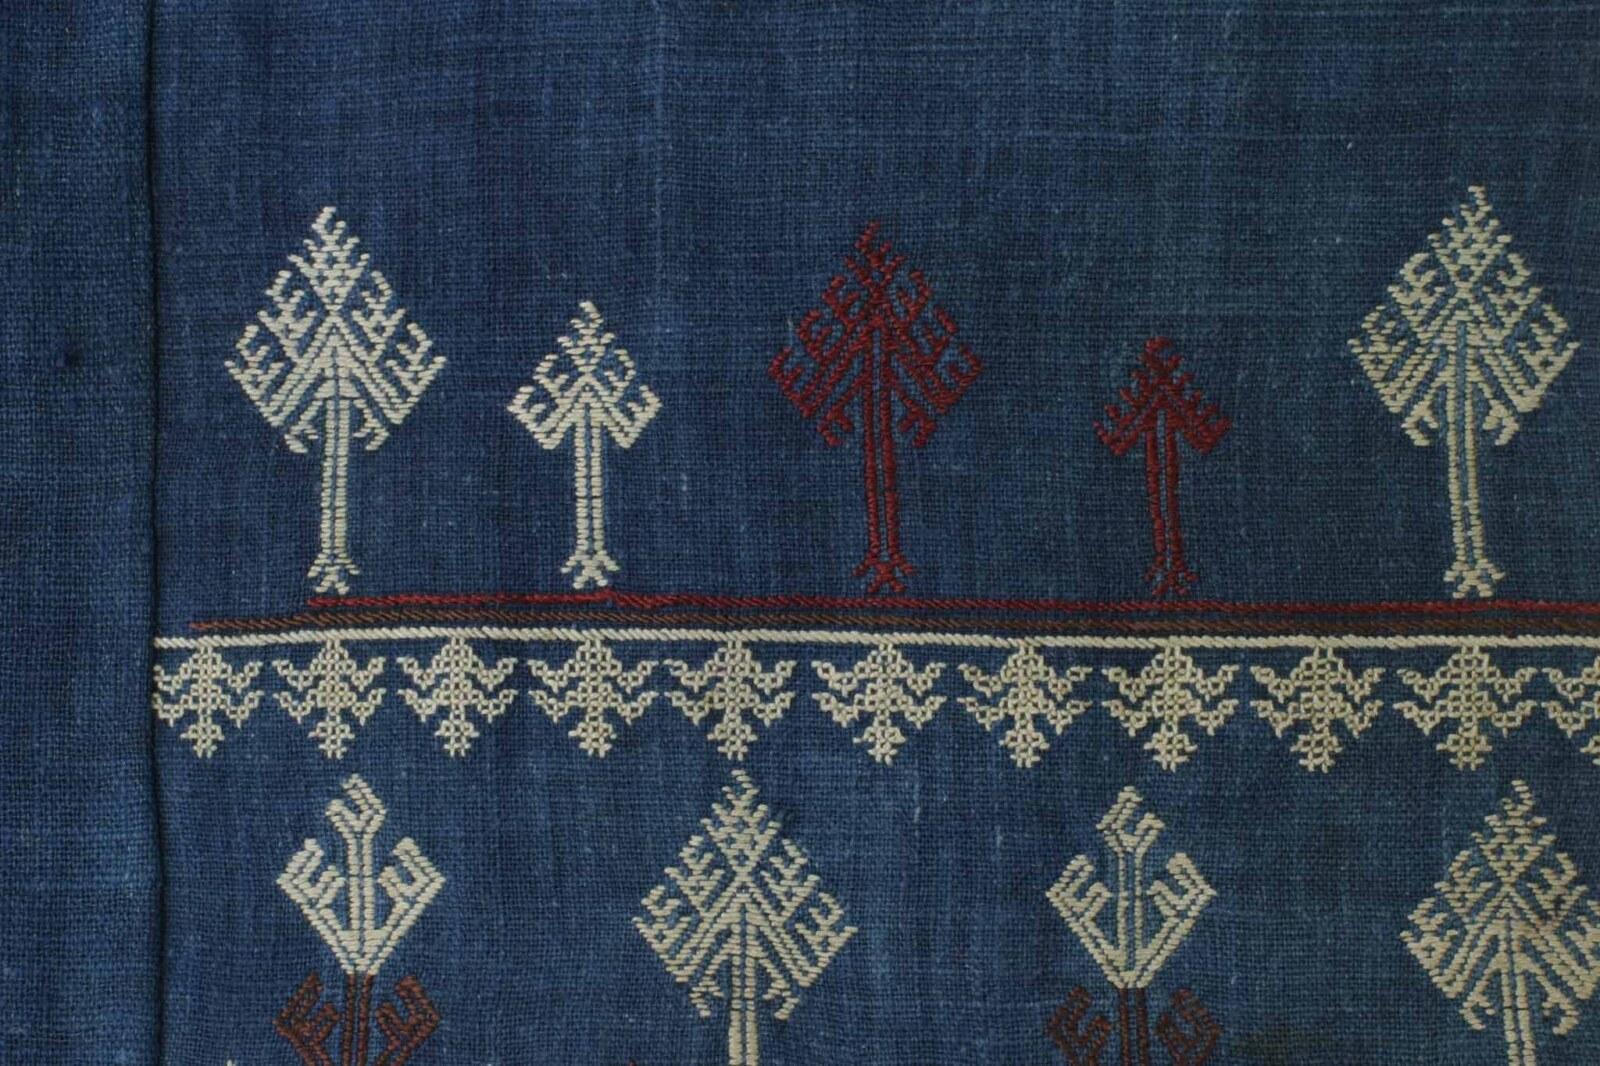 ヤオ族民族衣装に現れる刺繍文様